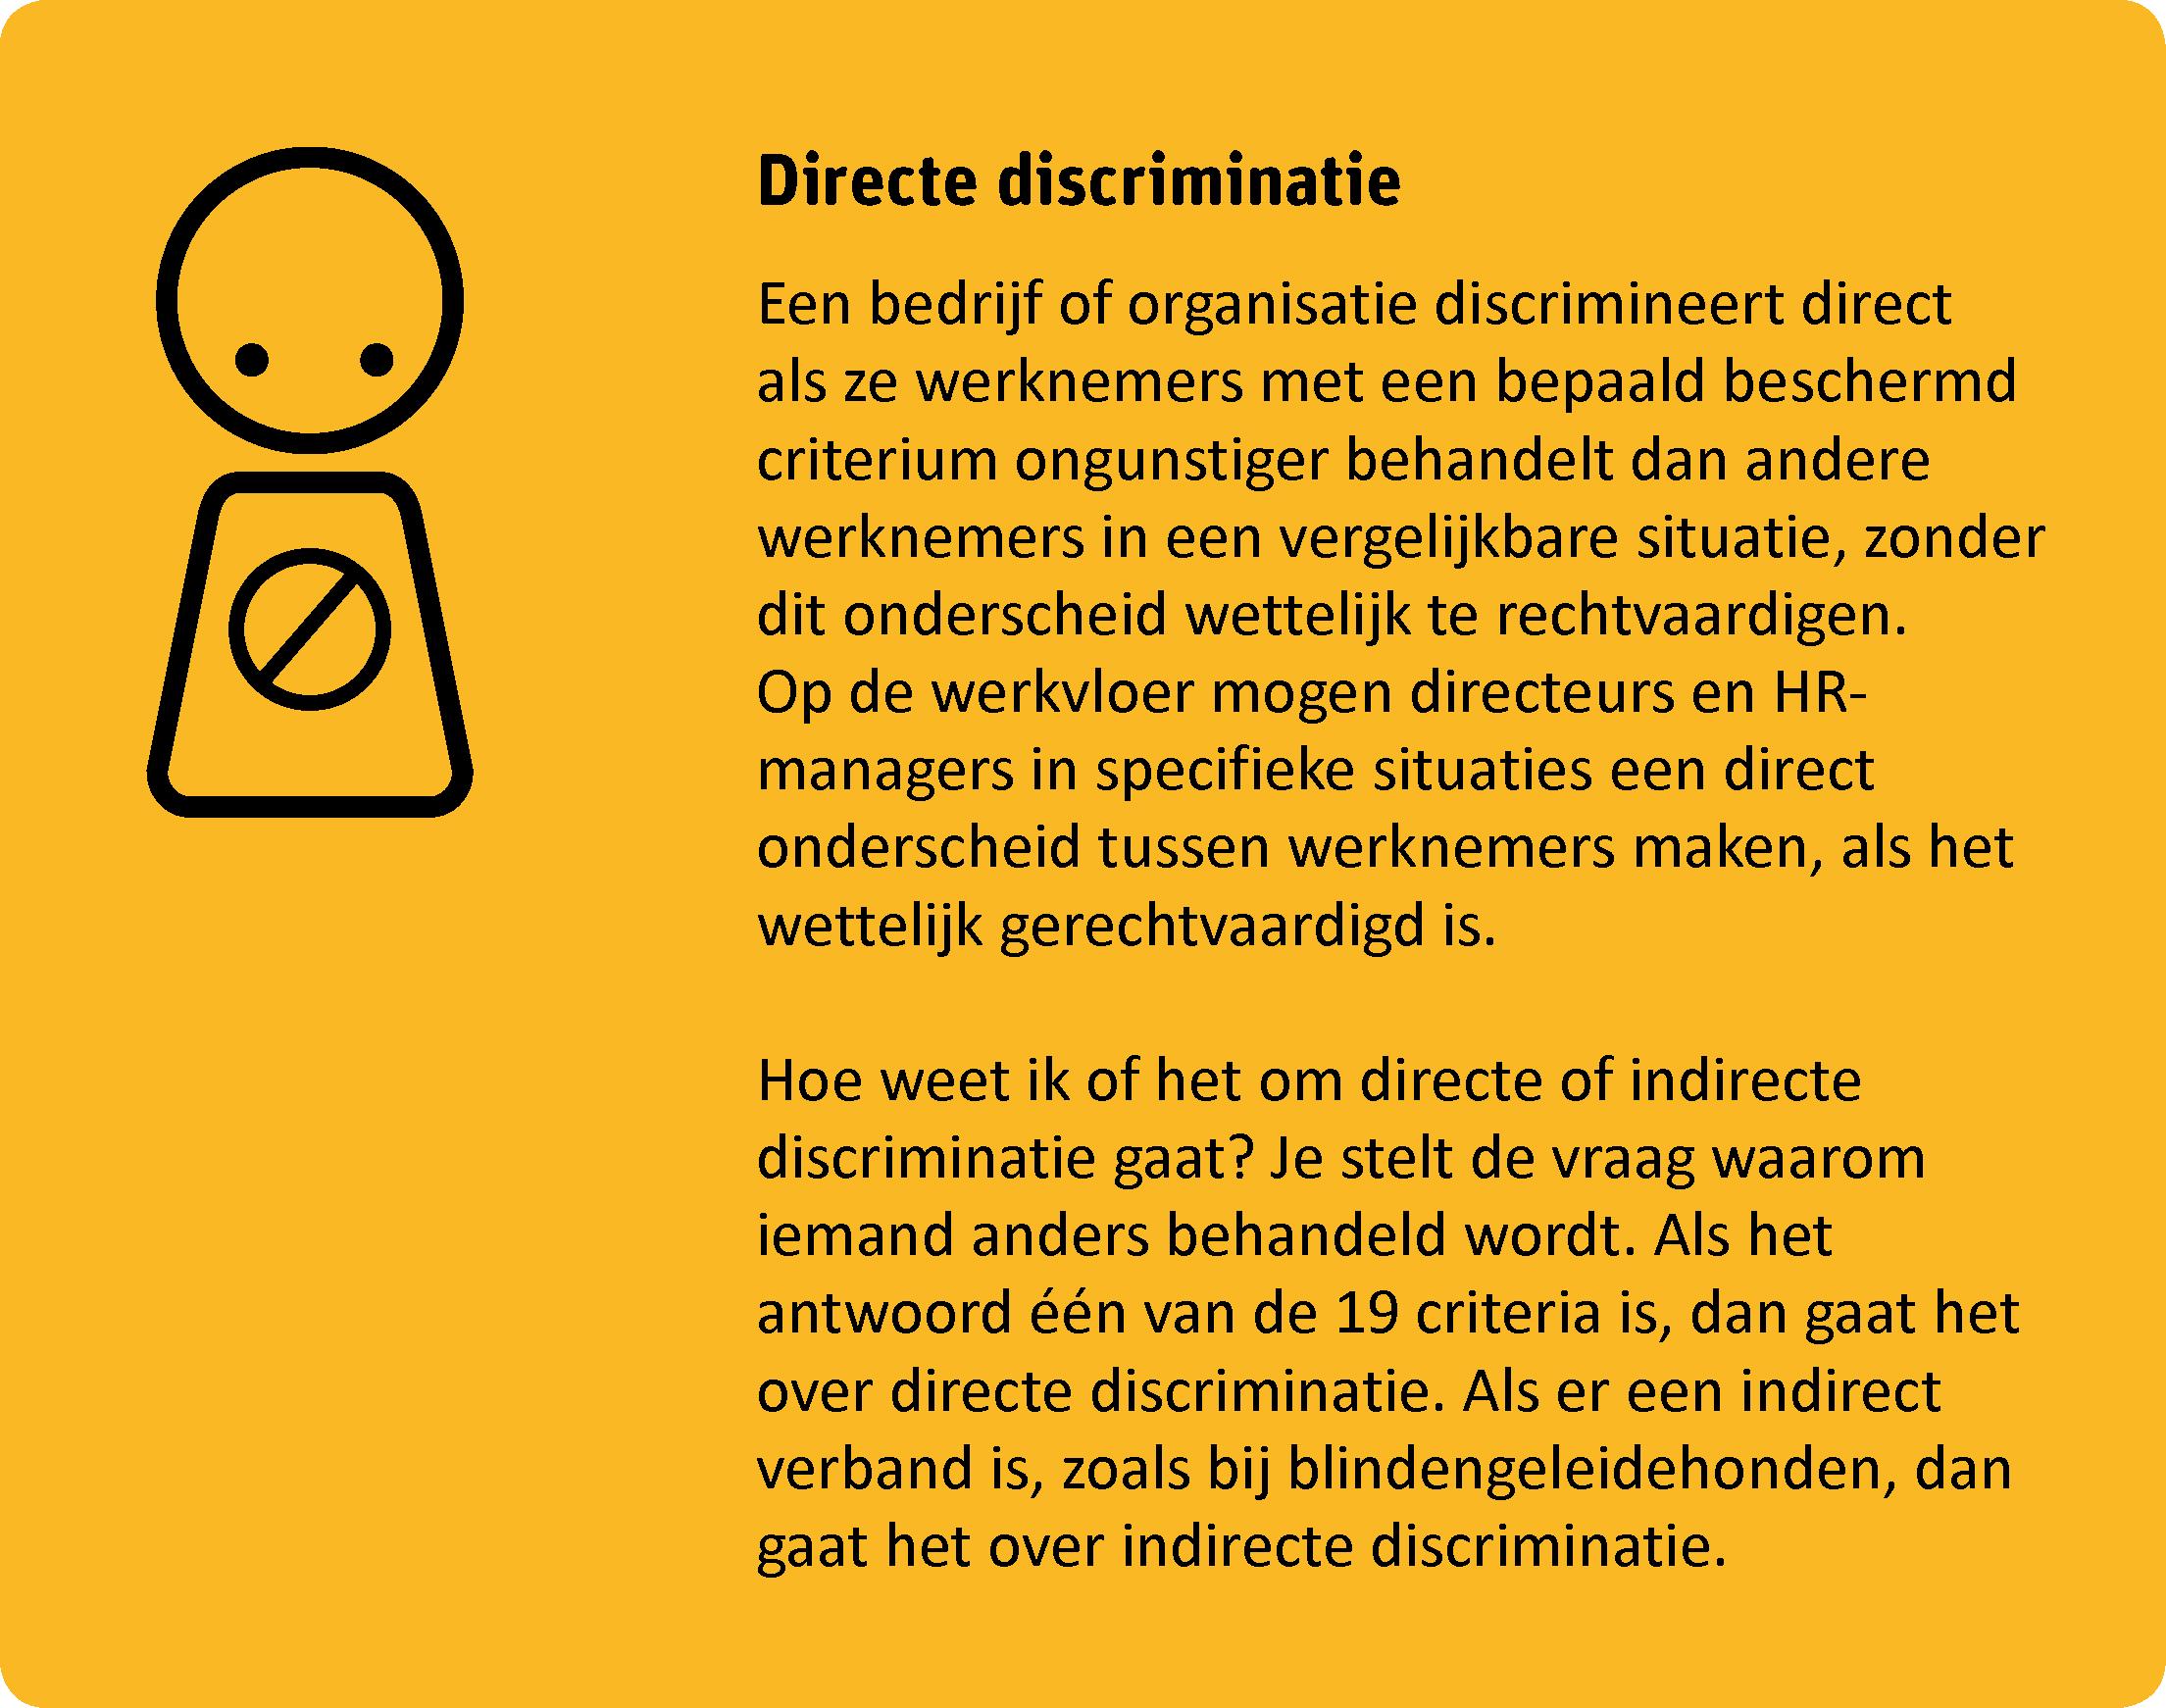 Een bedrijf of organisatie discrimineert direct als ze werknemers met een bepaald beschermd criterium ongunstiger behandelt dan andere werknemers in een vergelijkbare situatie, zonder dit onderscheid wettelijk te rechtvaardigen.  Op de werkvloer mogen directeurs en HR-managers in specifieke situaties een direct onderscheid tussen werknemers maken, als het wettelijk gerechtvaardigd is. Hoe weet ik of het om directe of indirecte discriminatie gaat? Je stelt de vraag waarom iemand anders behandeld wordt. Als het antwoord één van de 19 criteria is, dan gaat het over directe discriminatie. Als er een indirect verband is, zoals bij blindengeleidehonden, dan gaat het over indirecte discriminatie.